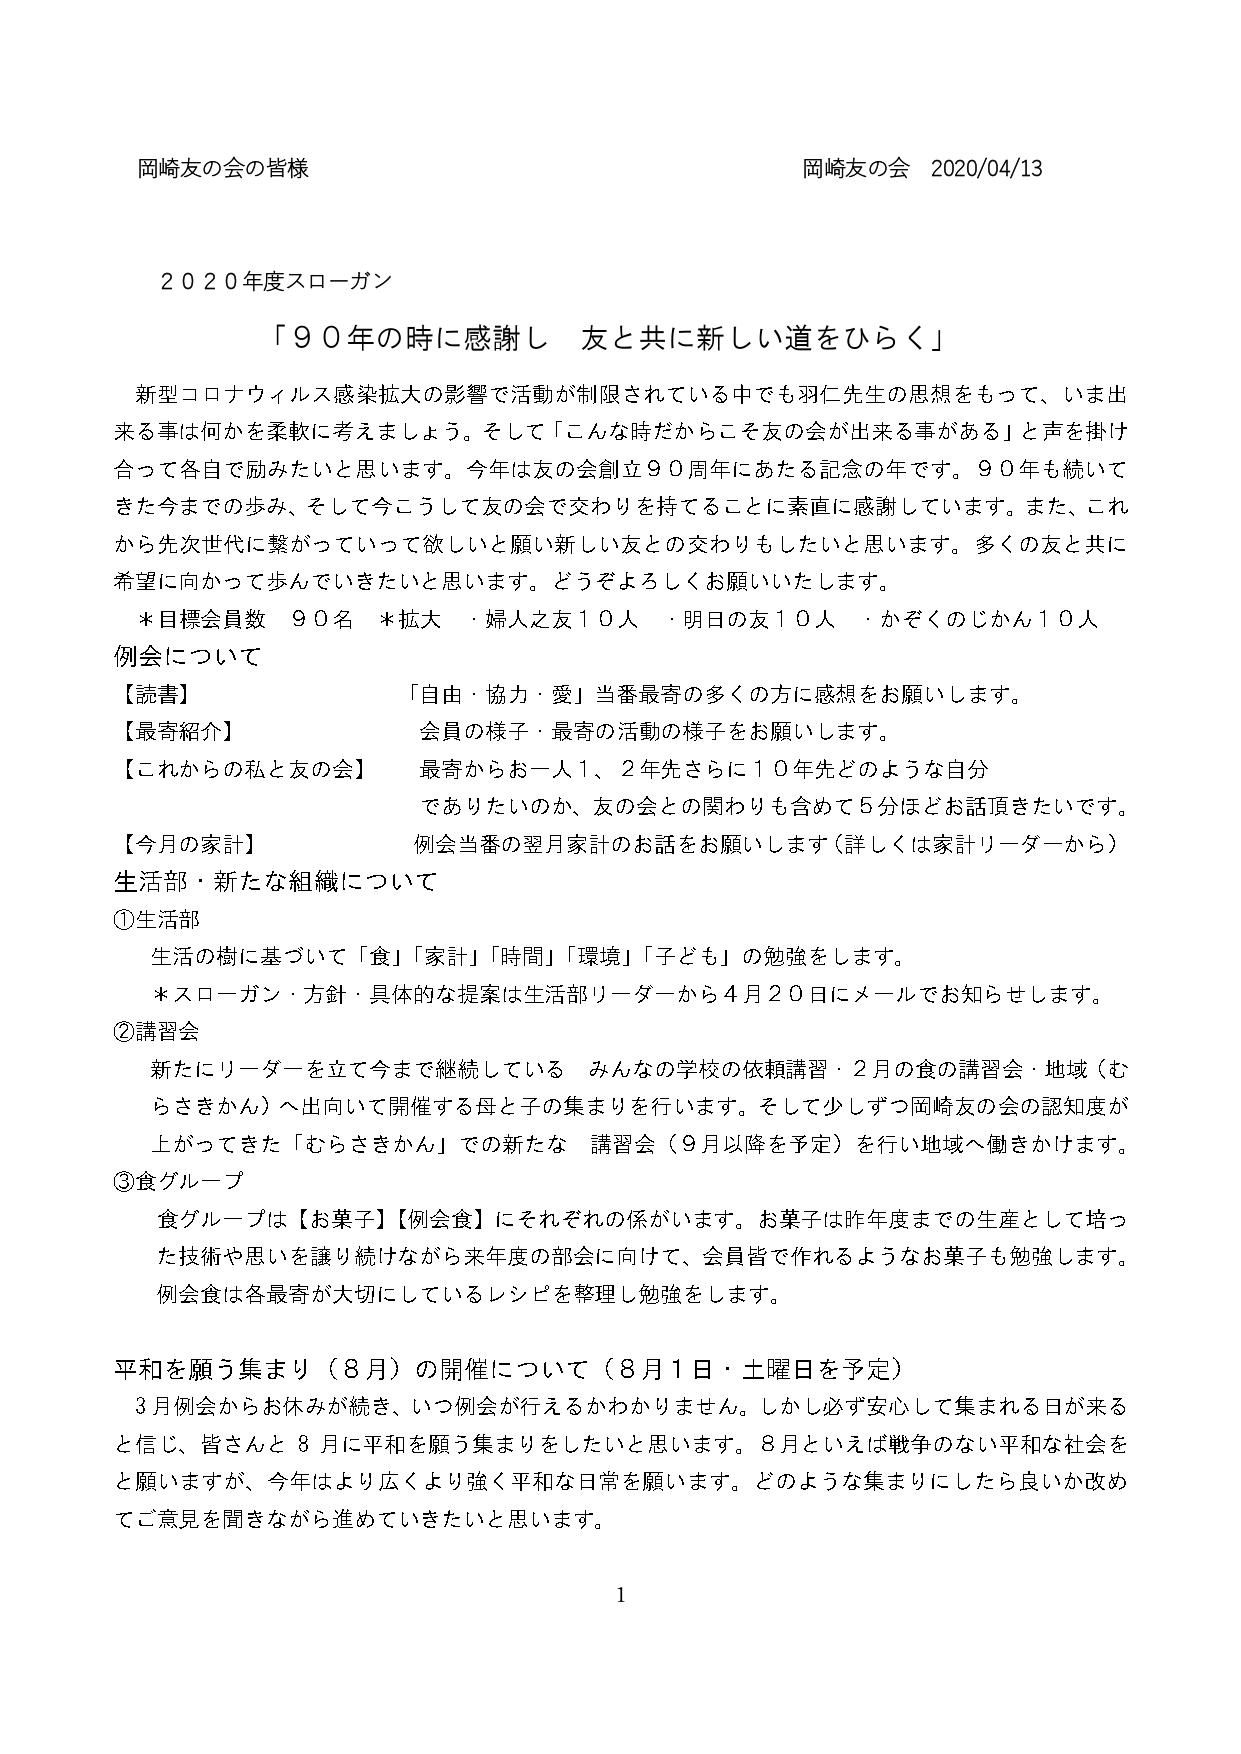 2020年度スローガンと方針・行事予定 (1)_page-0001